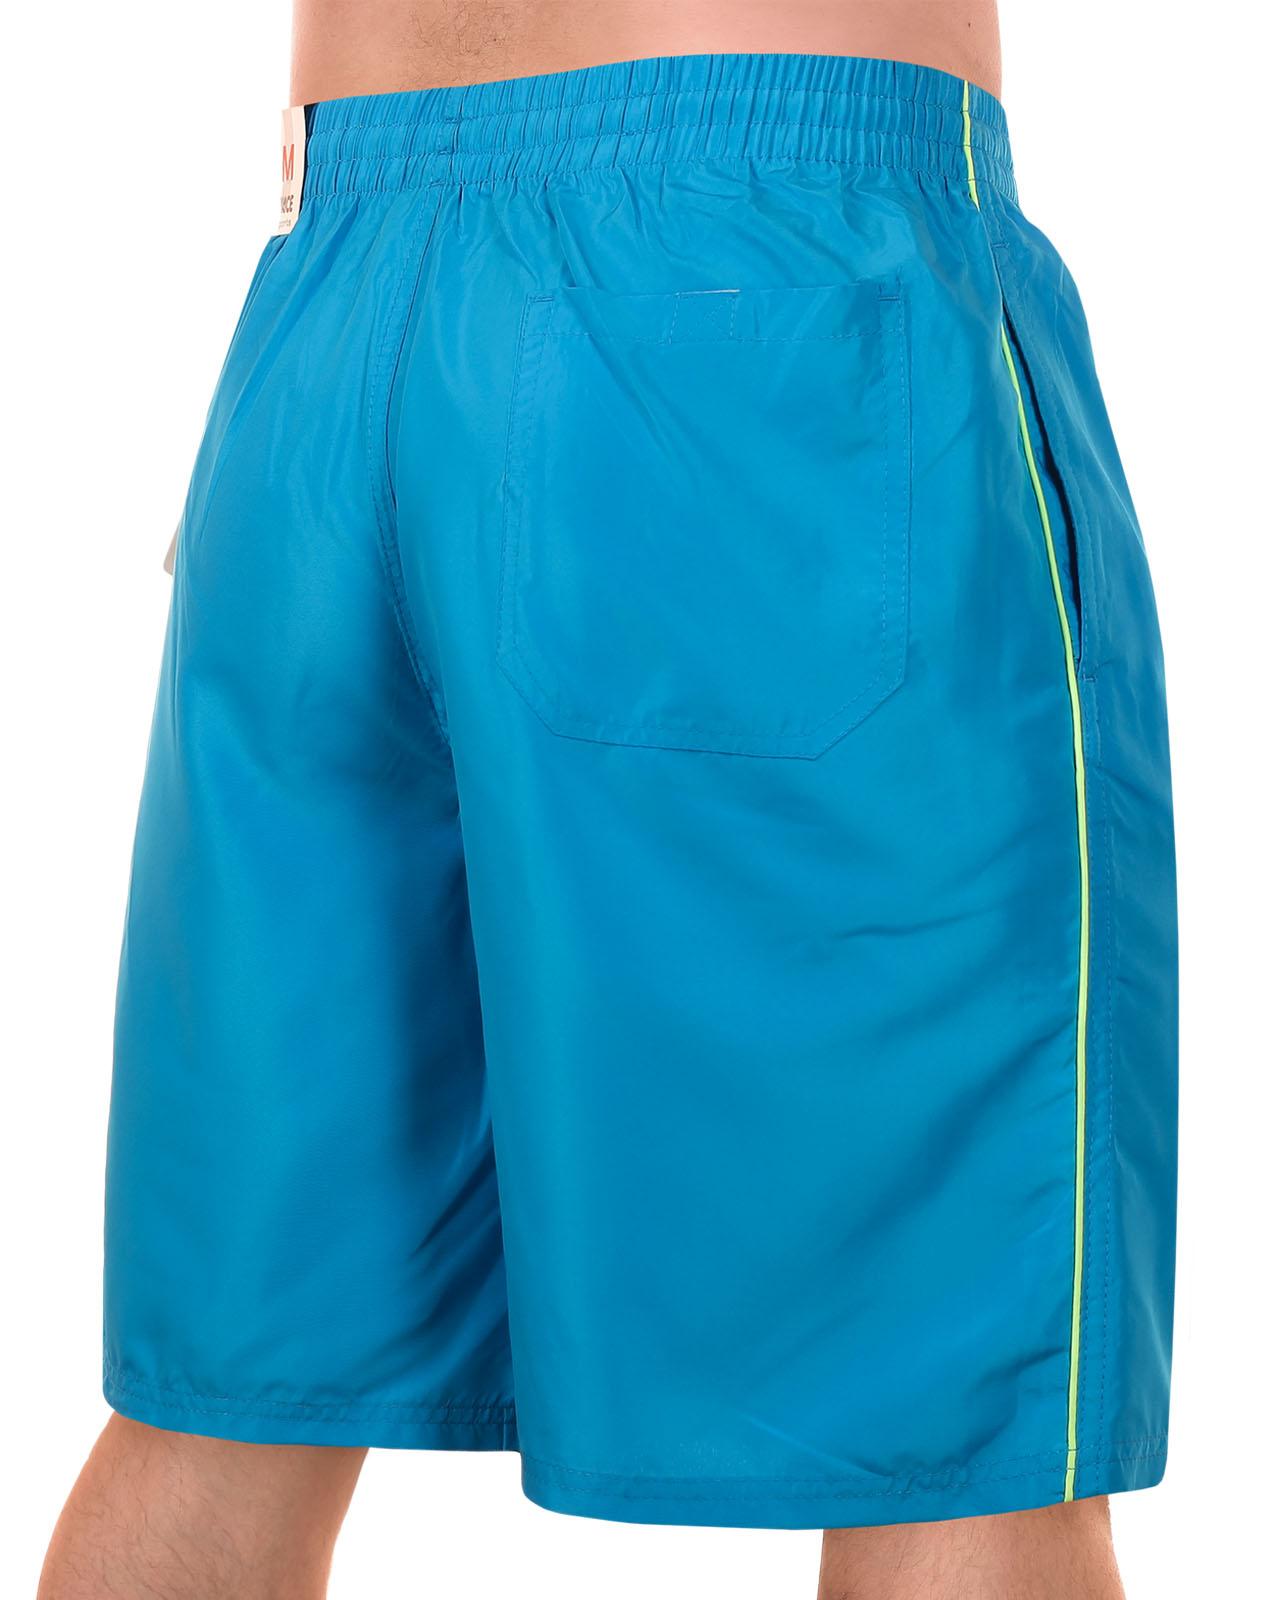 Стильные мужские шорты для пляжа от бренда MACE по лучшей цене